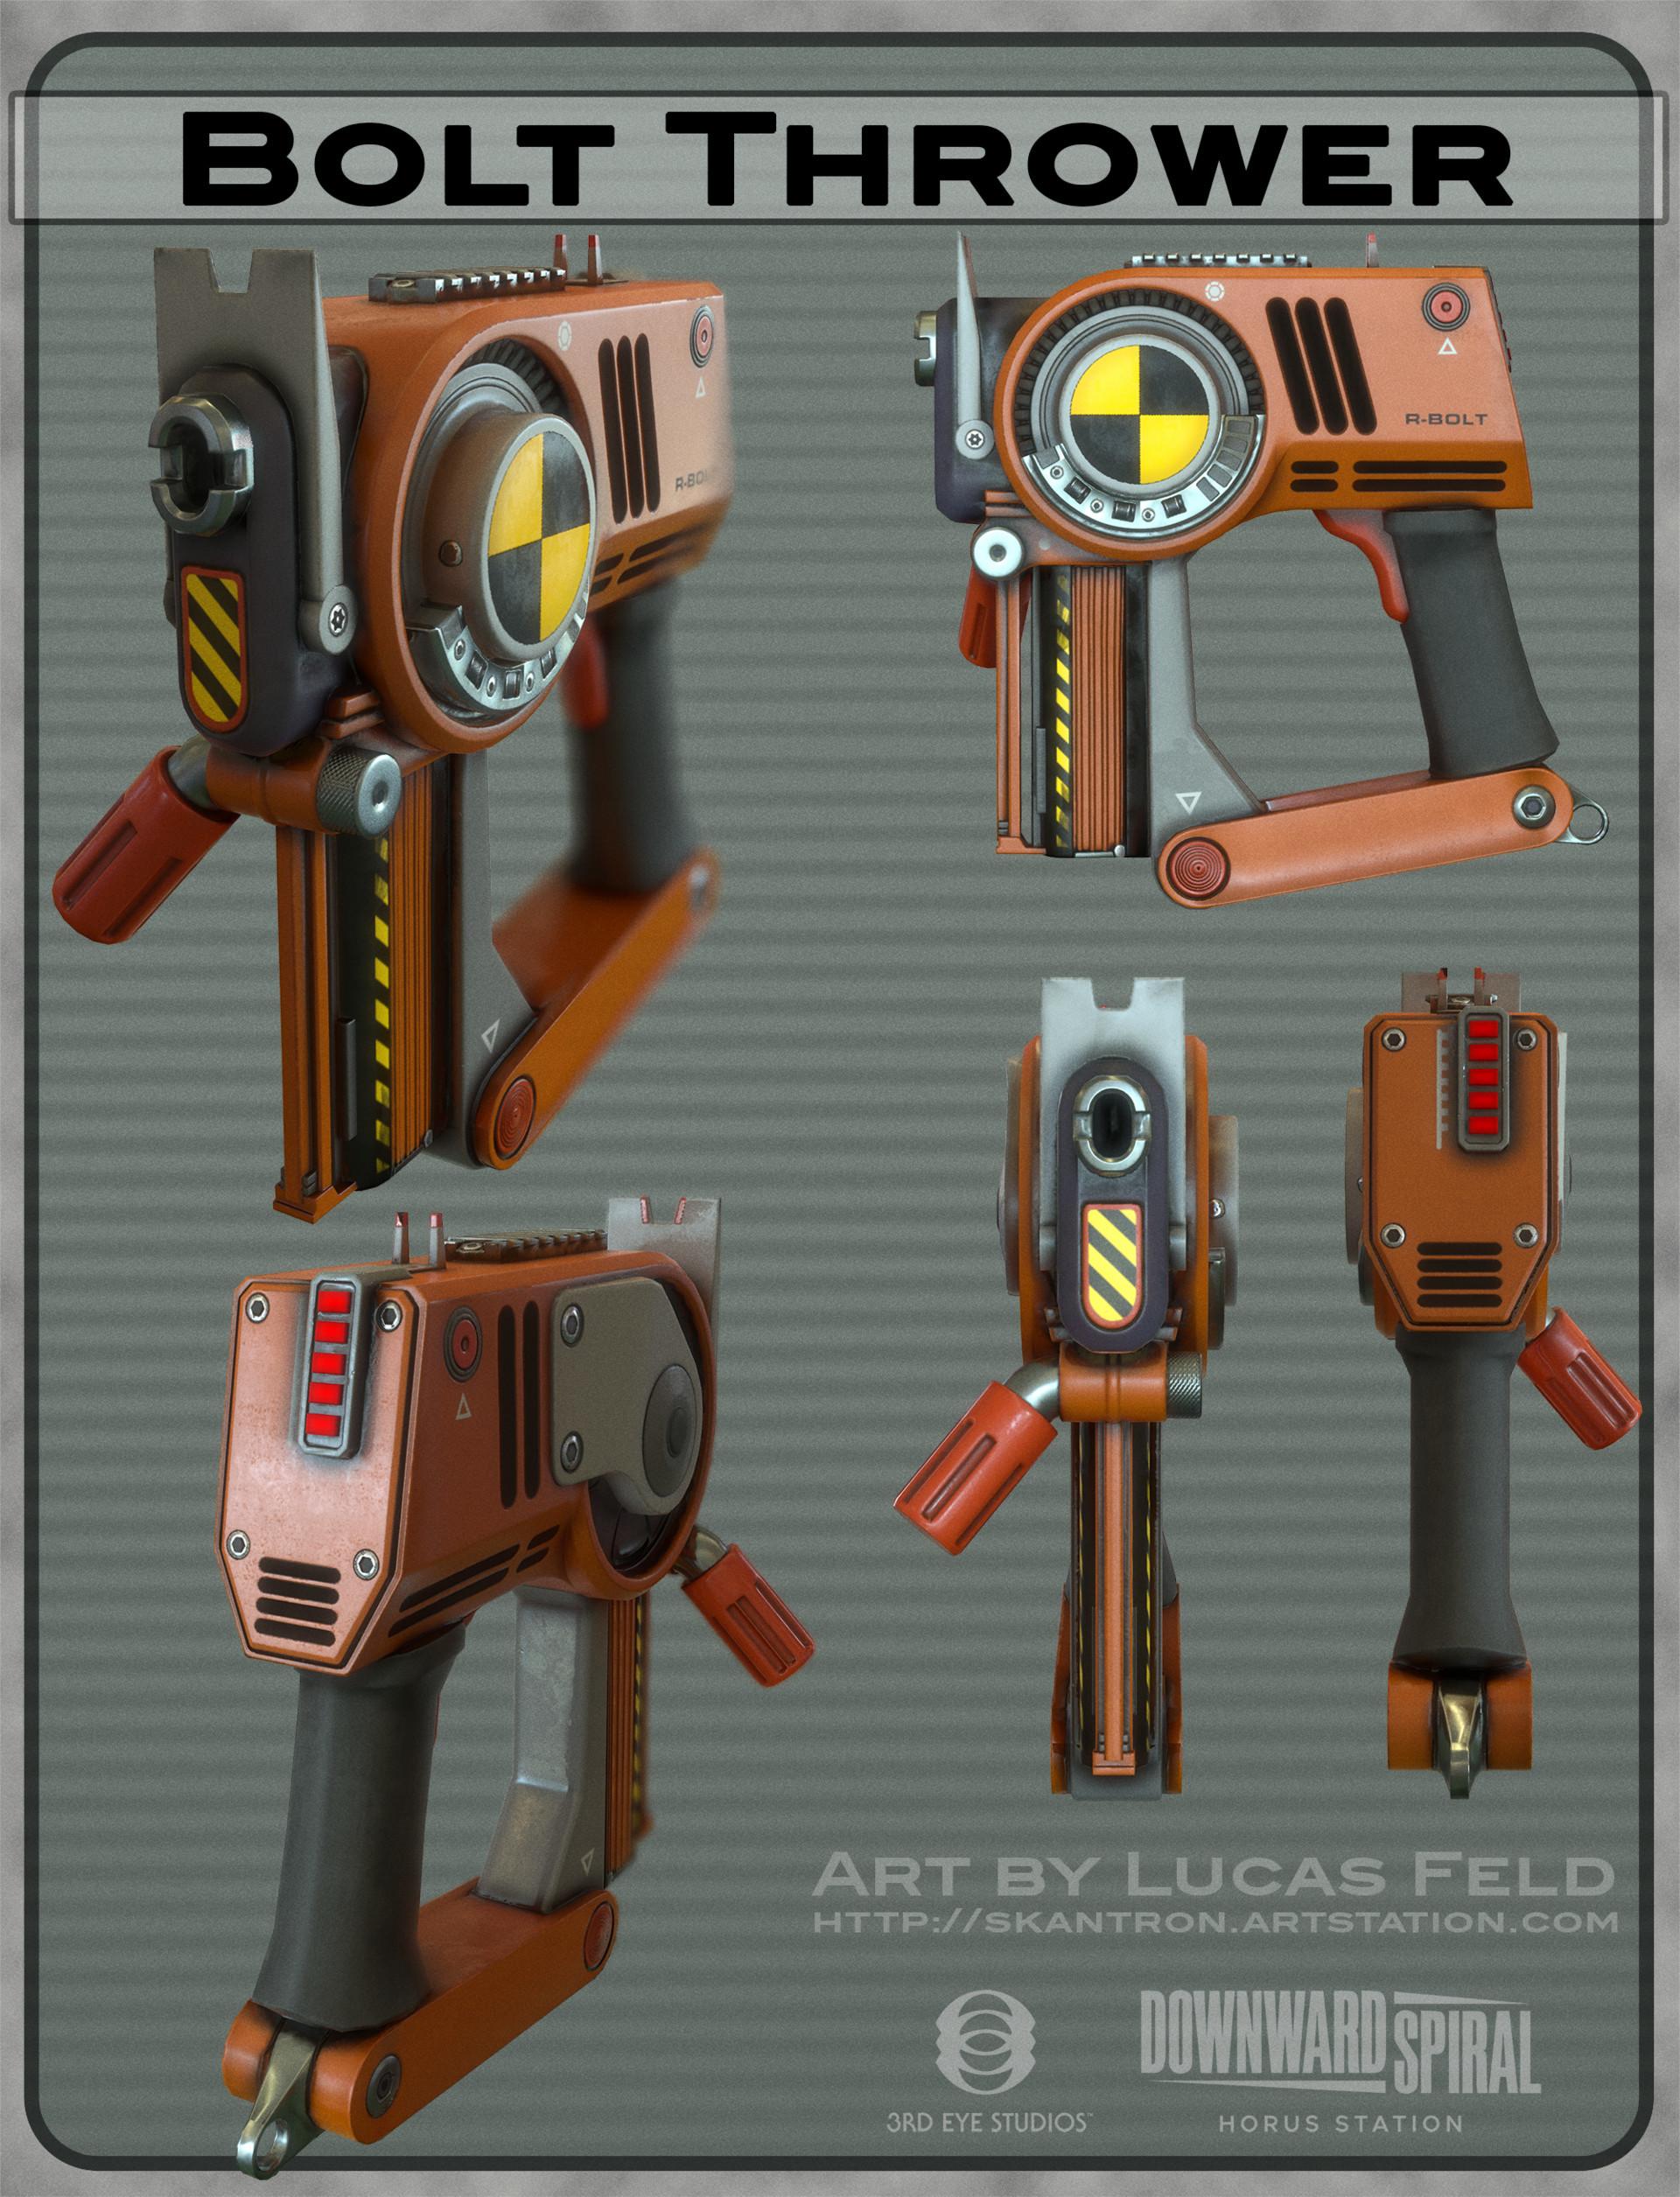 Lucas feld lucas feld weaponsprex pistol